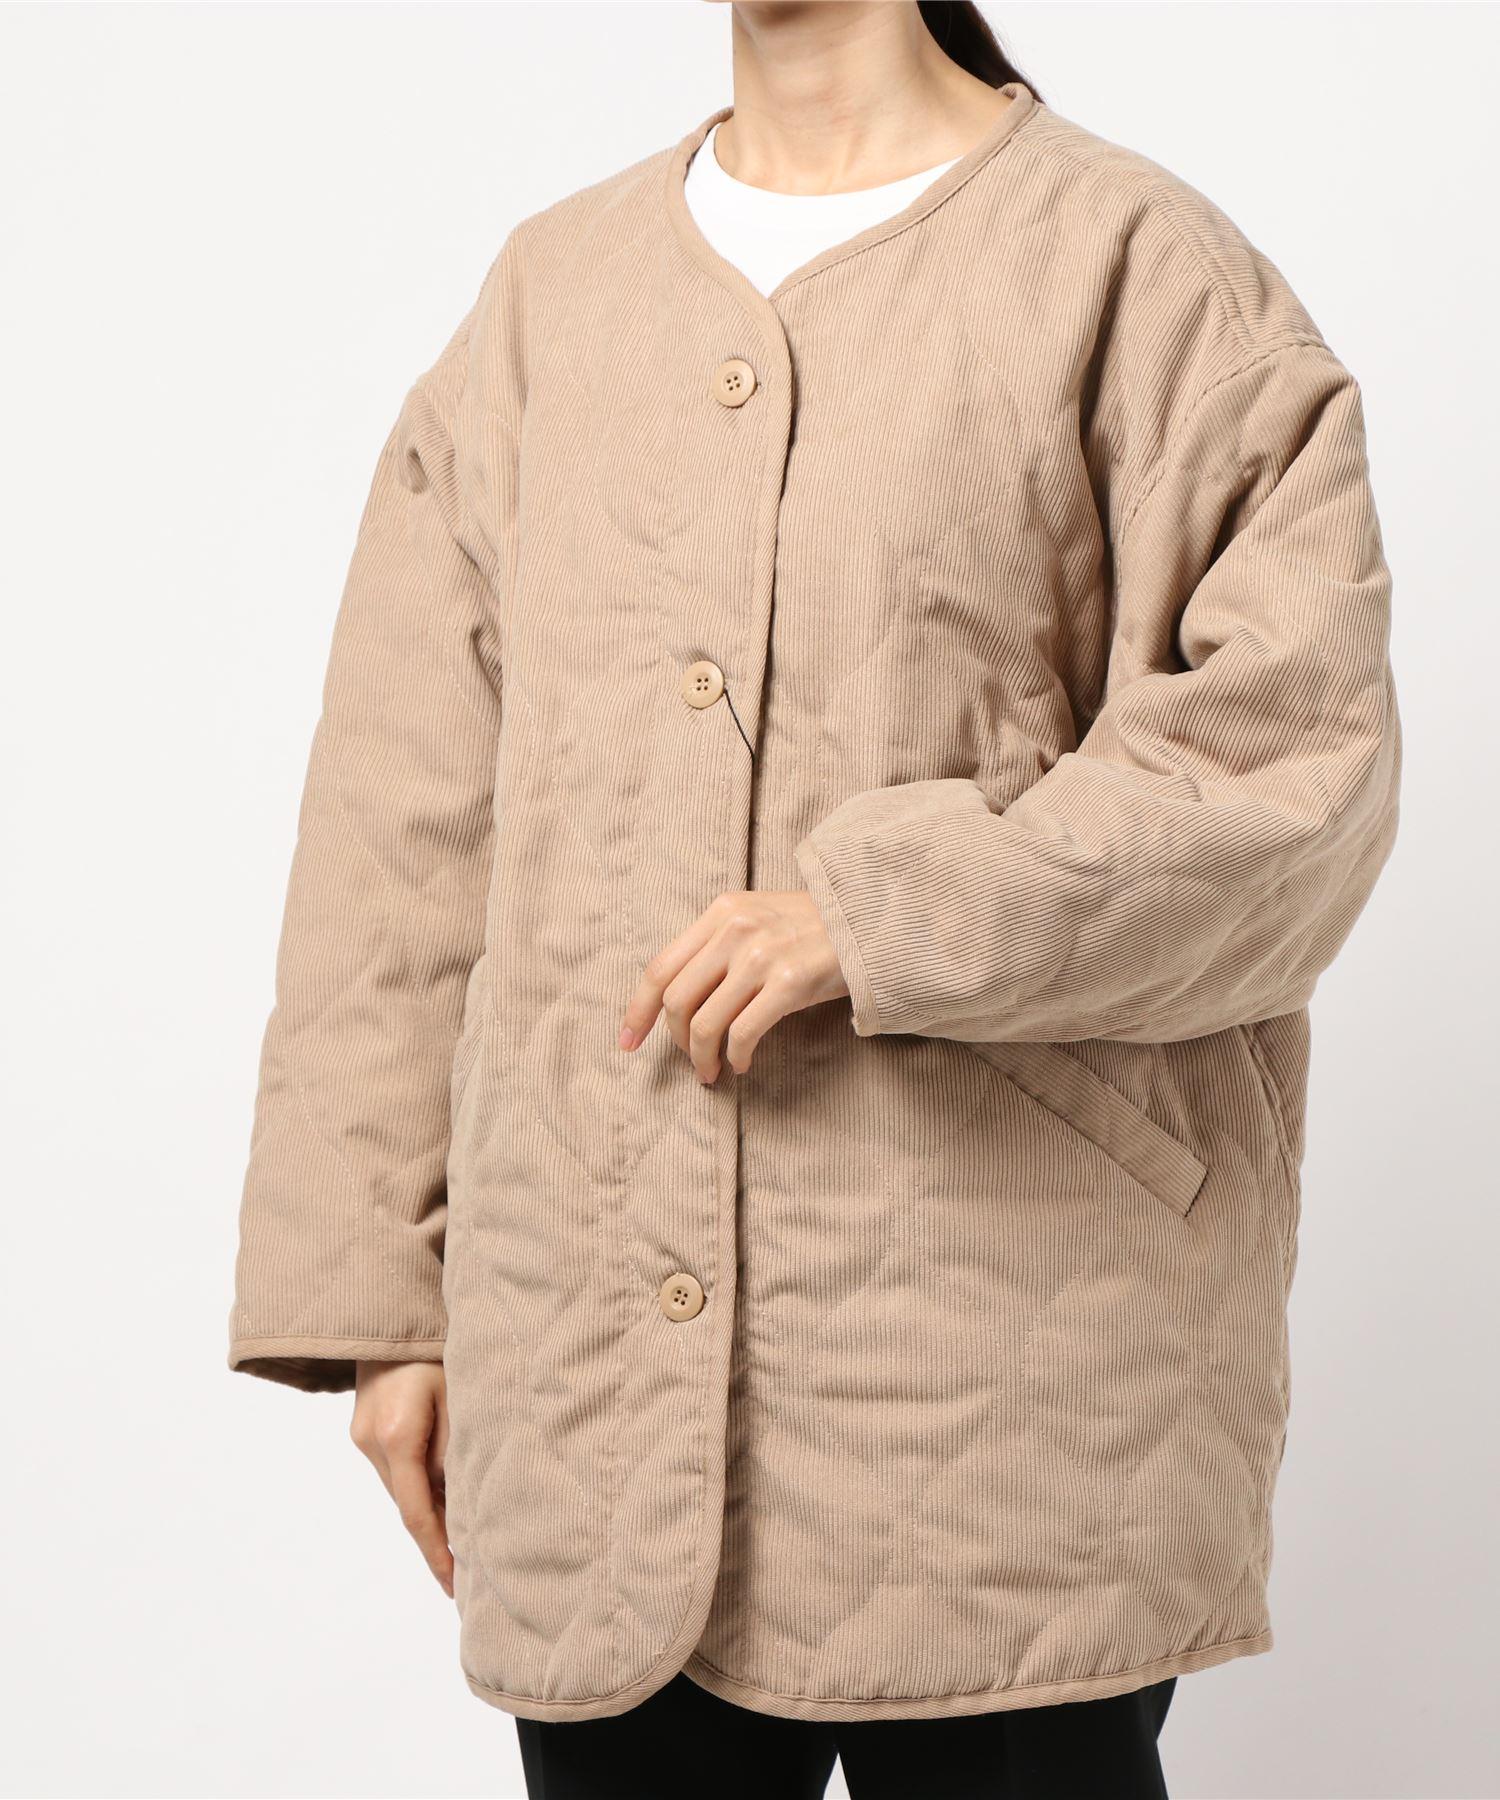 キルトノーカラー コーデュロイジャケット ウェーブキルティングジャケット